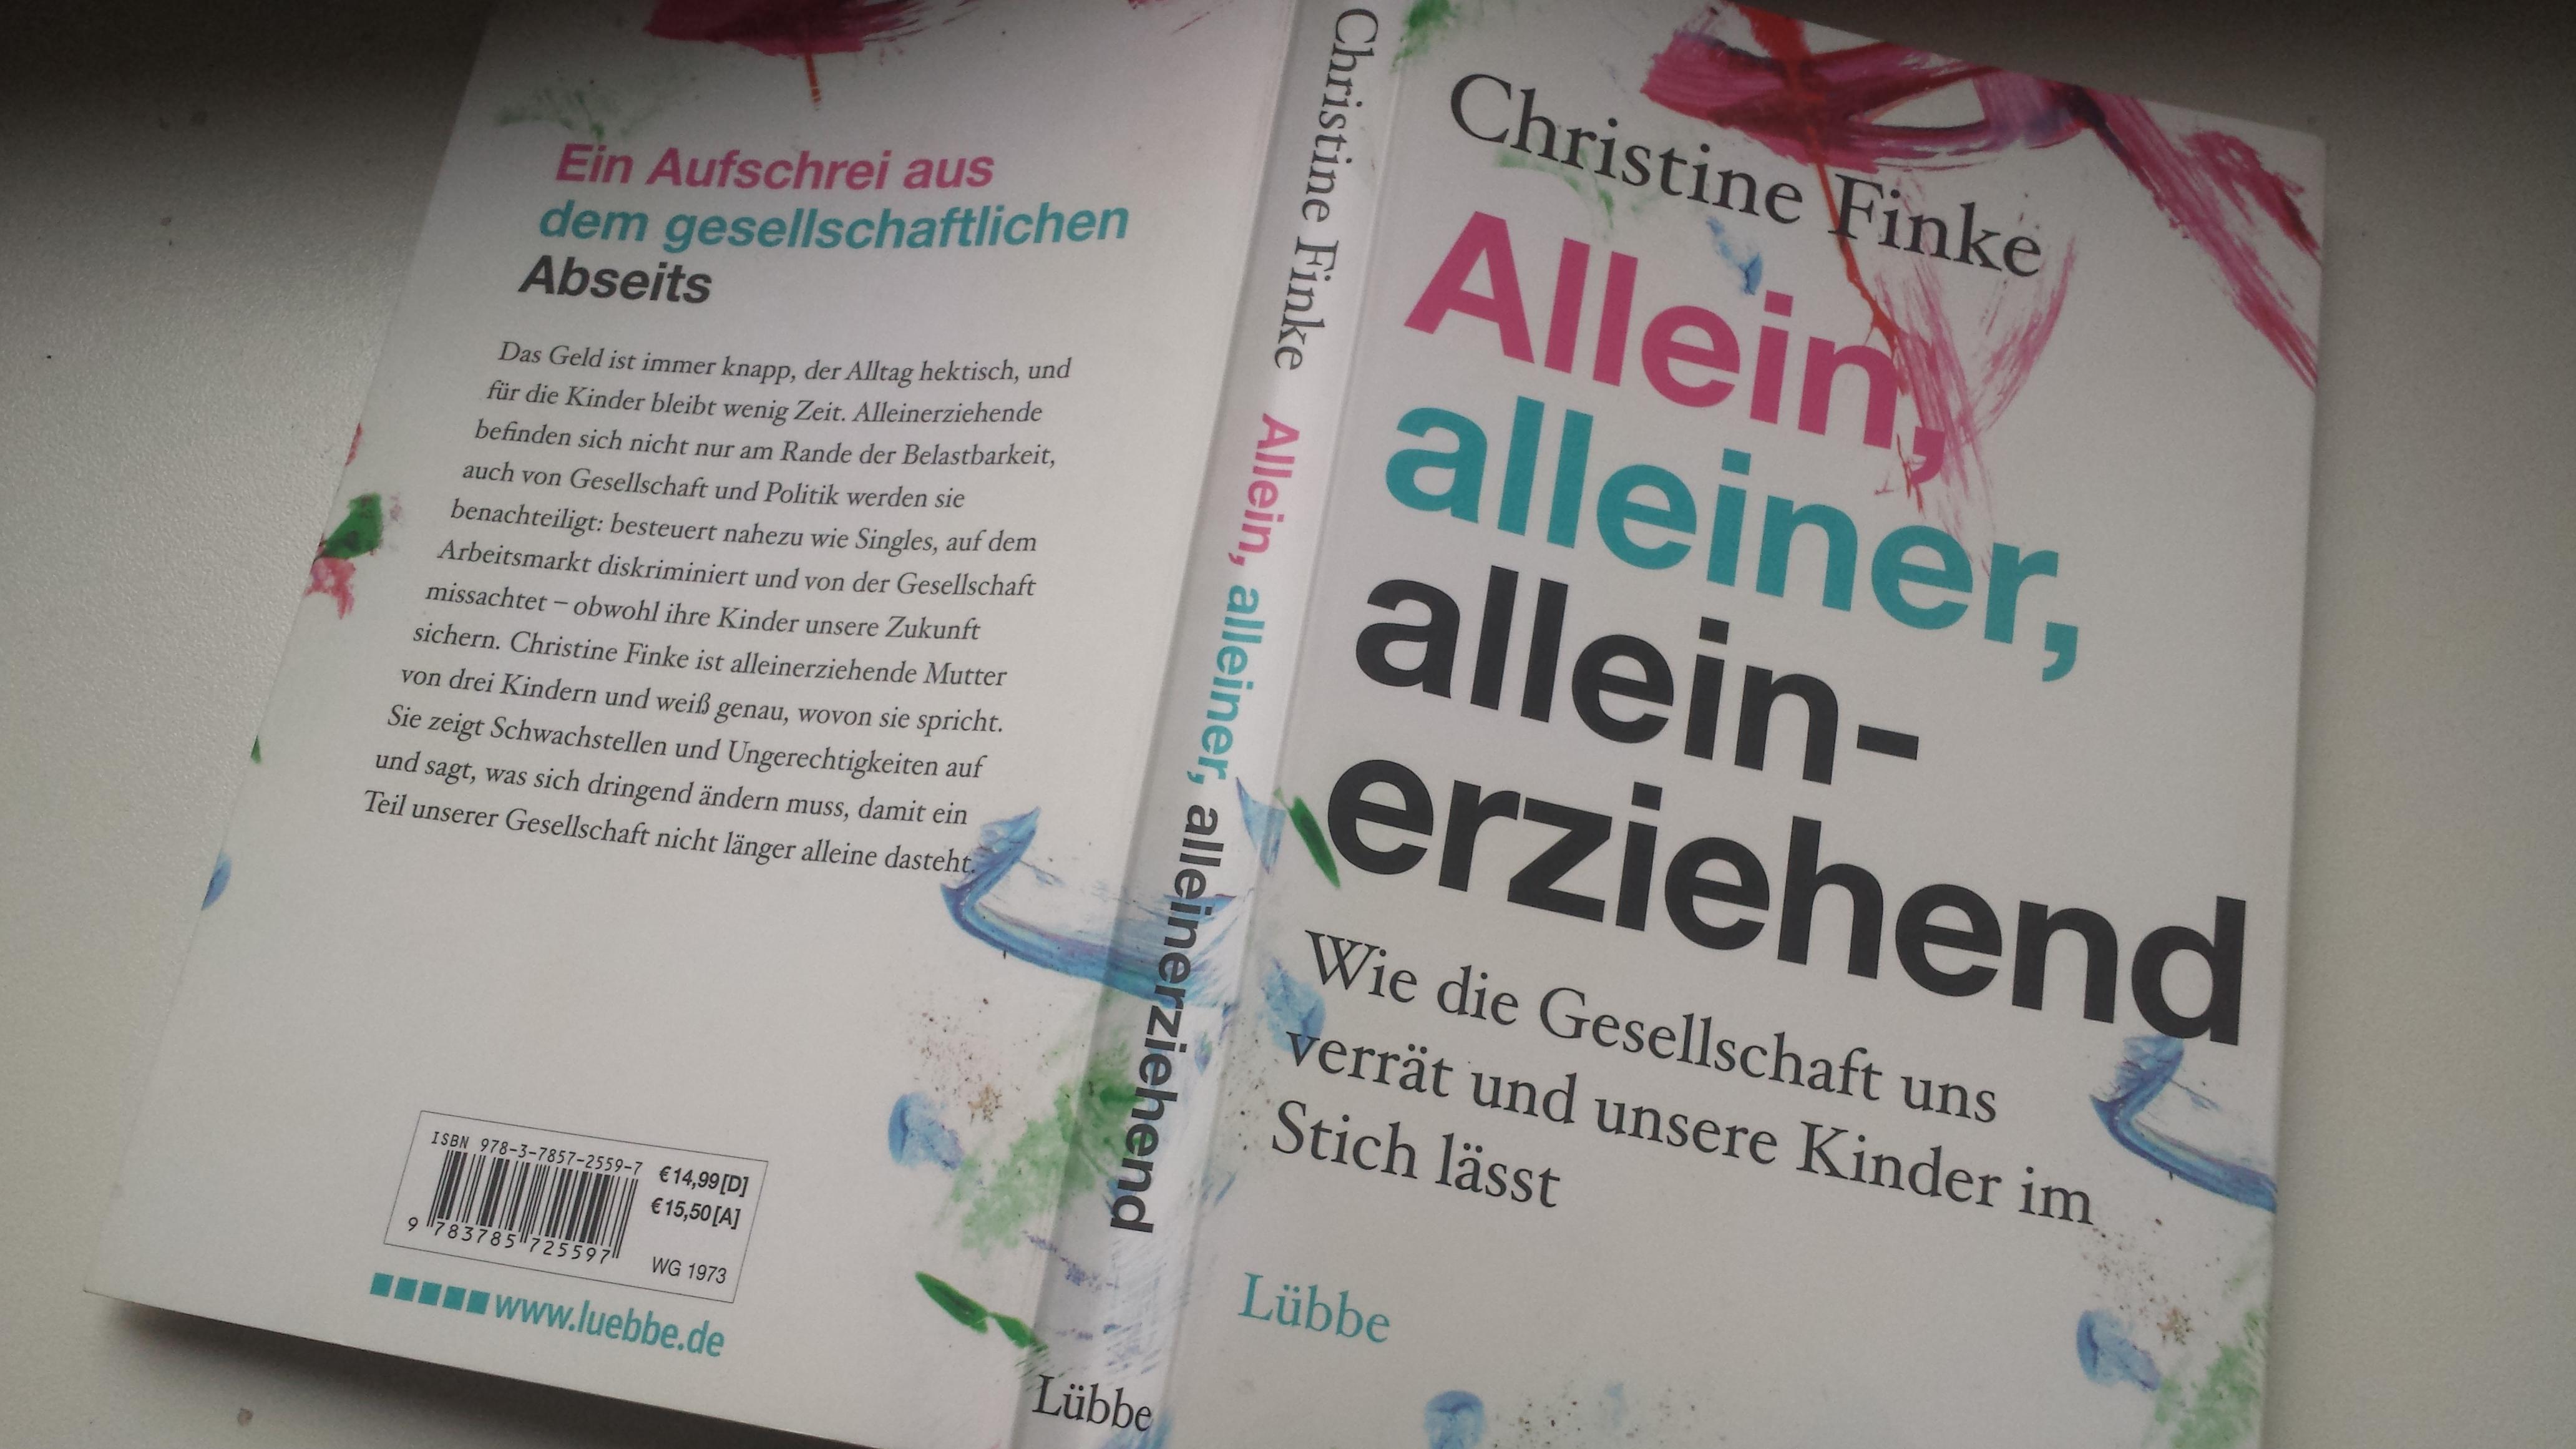 Christiane Finke - allein, alleiner, alleinerziehend